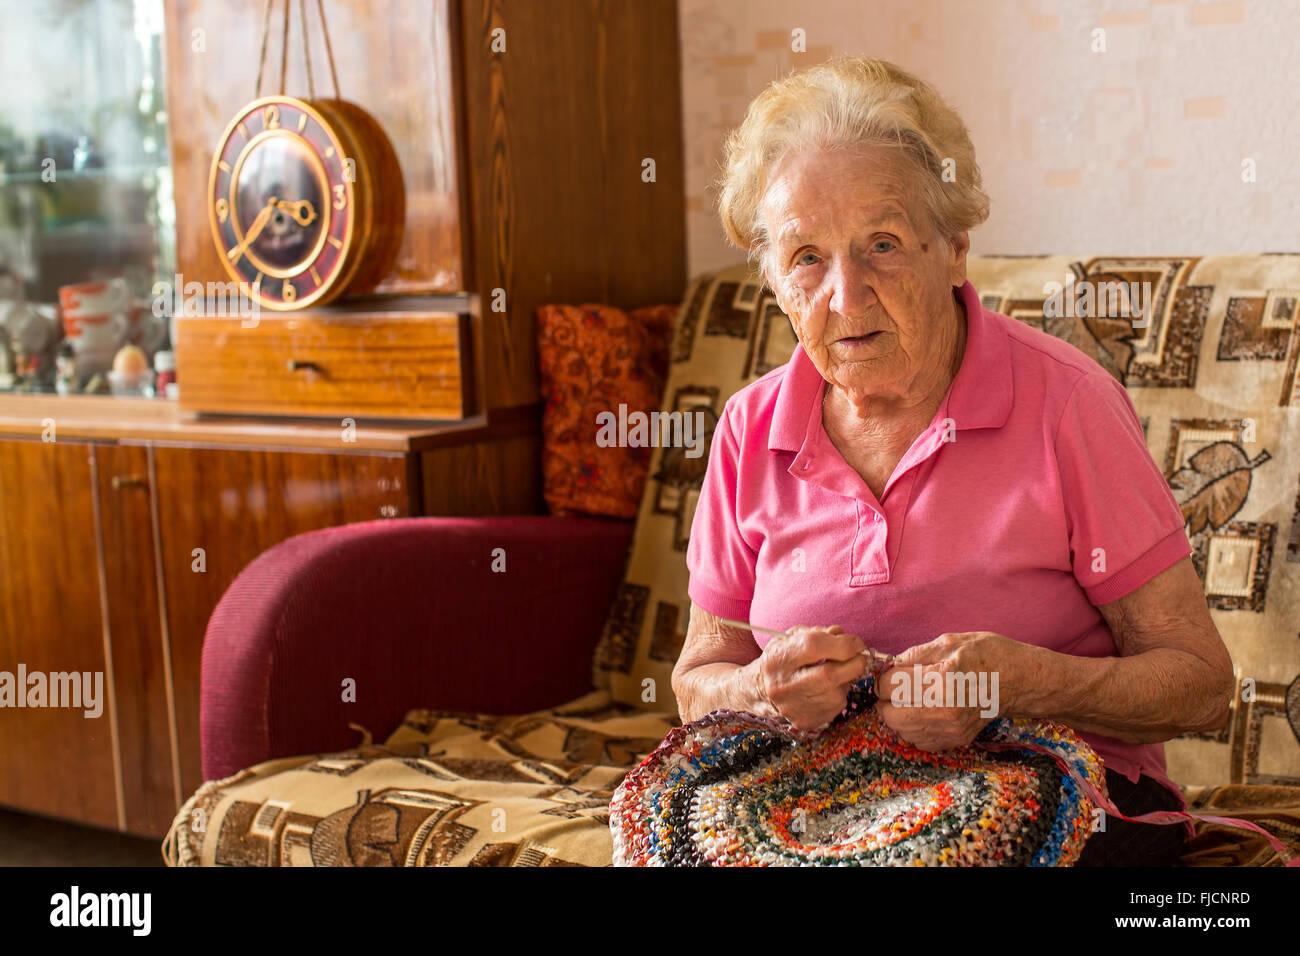 Una anciana sentada en su habitación y tejer una alfombra. Imagen De Stock